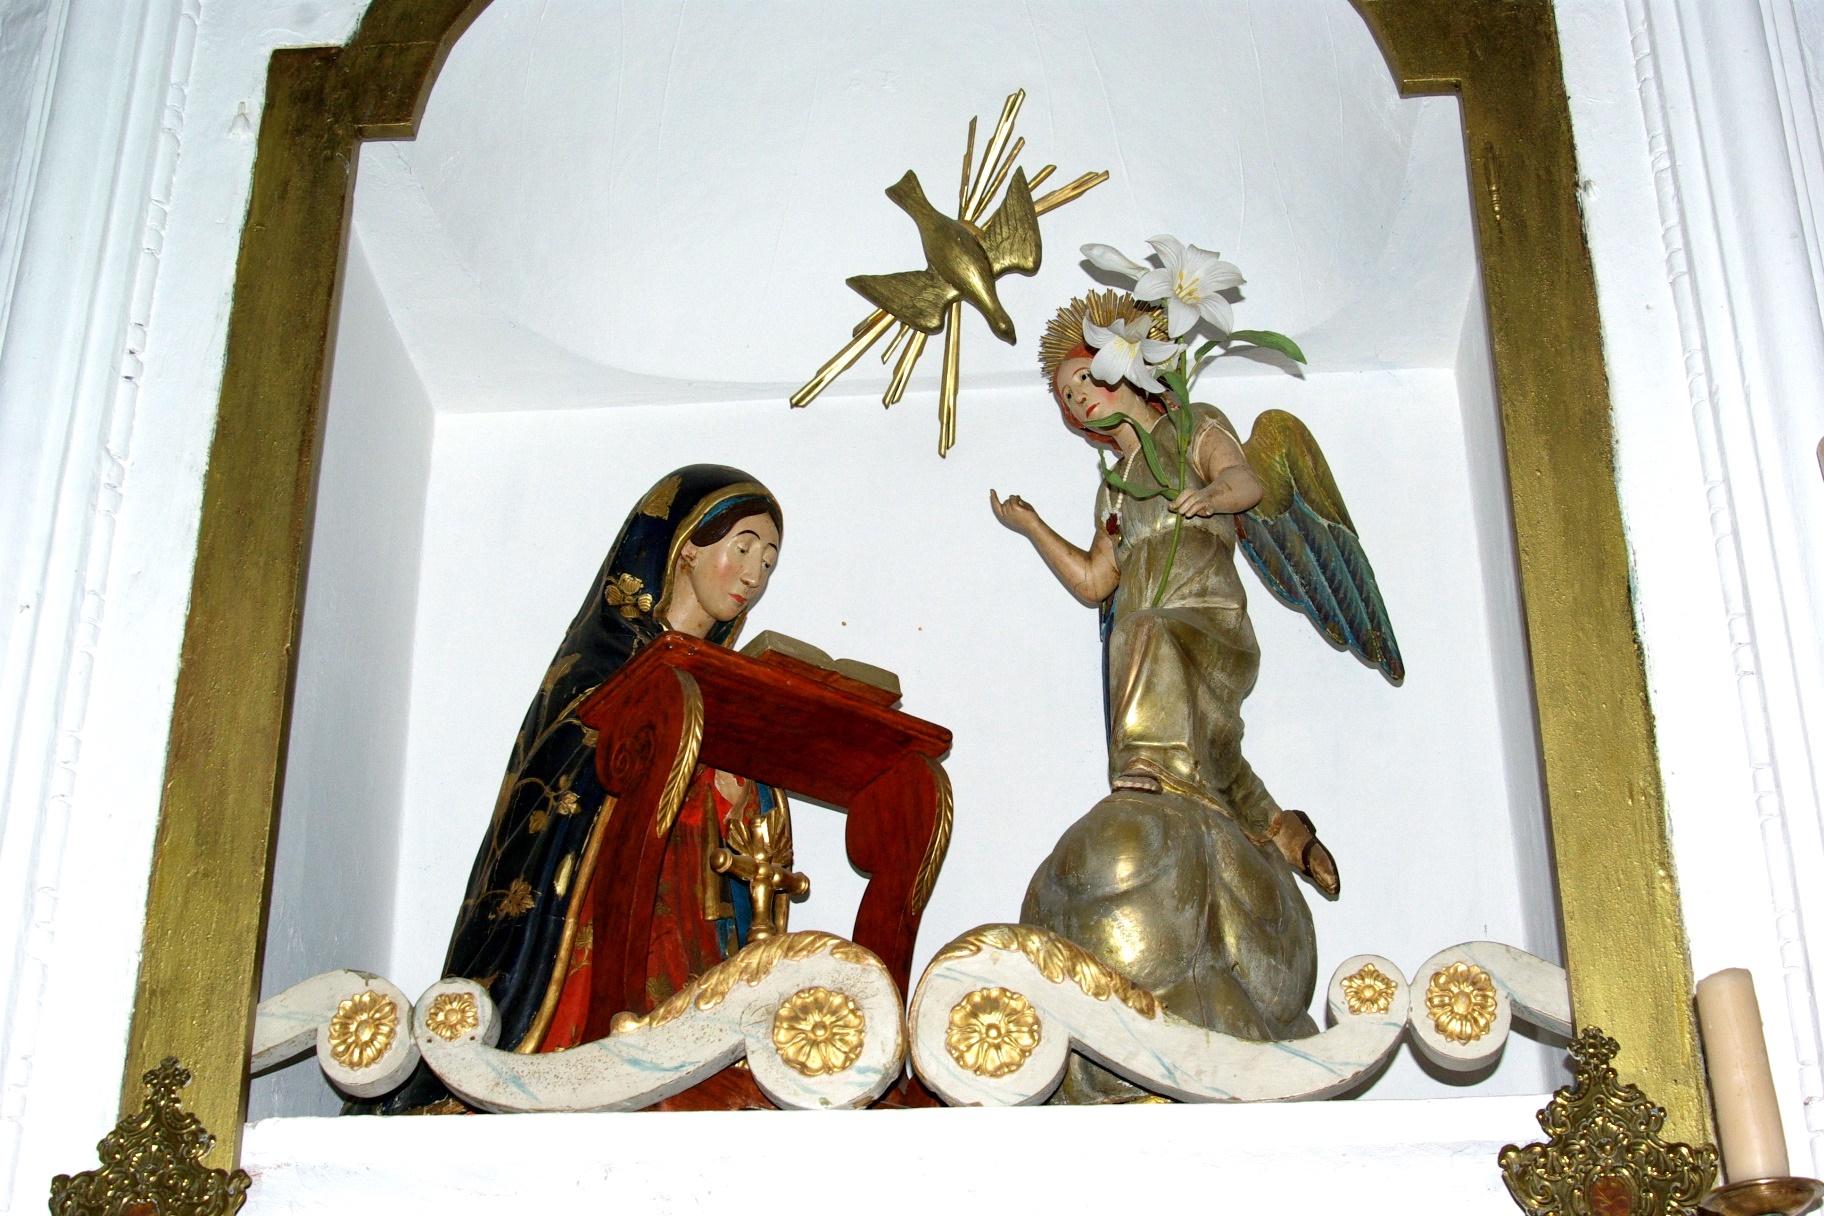 La statue de l'annonciation qui se trouve au dessus du maître autel de la chapelle A Nunziata de Palmentu